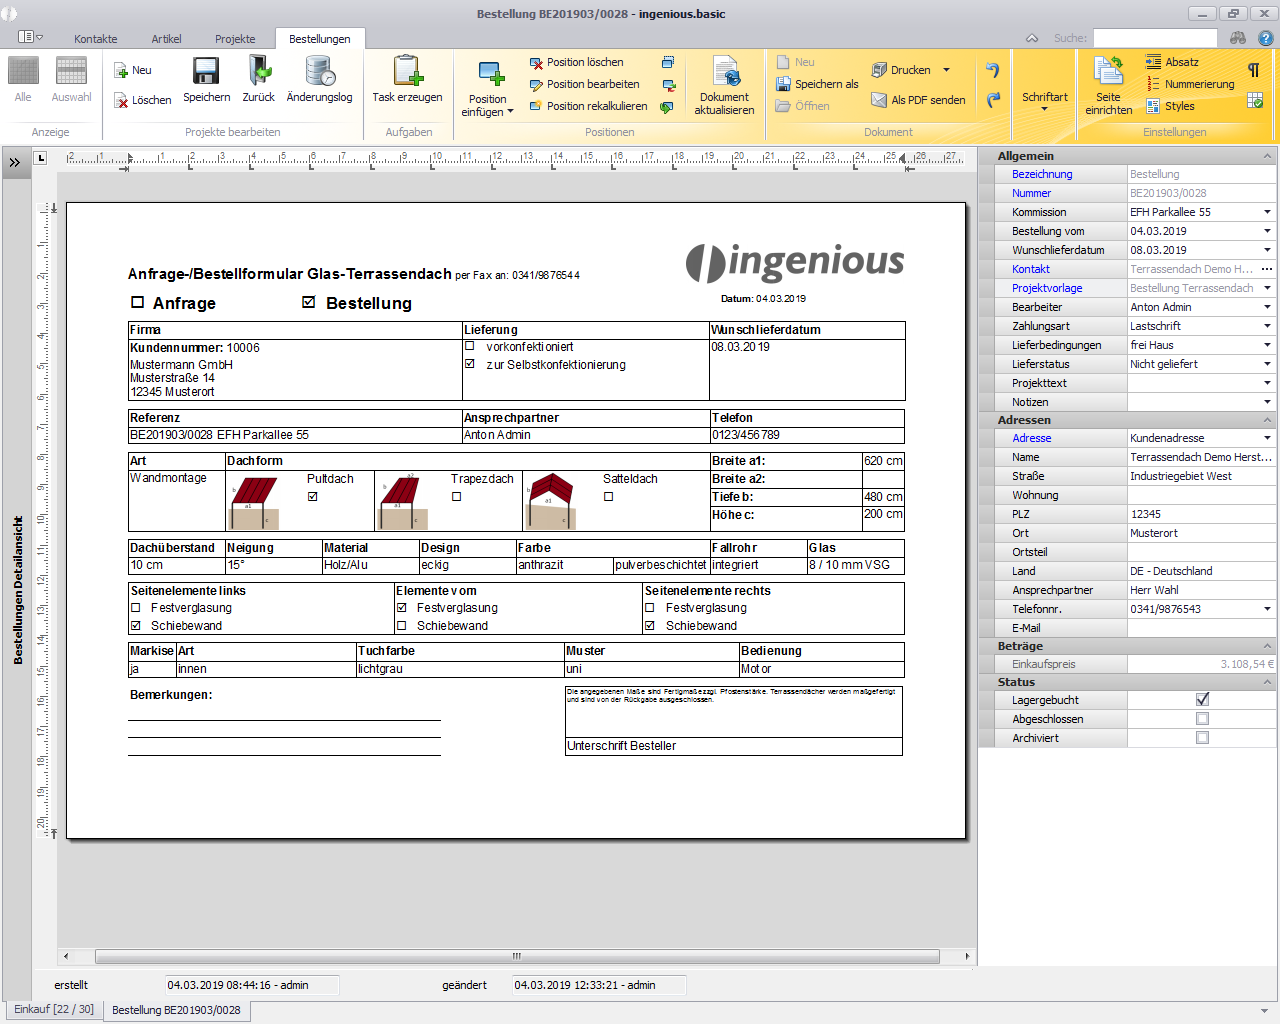 Integriertes automatisch ausgefülltes Bestellformular